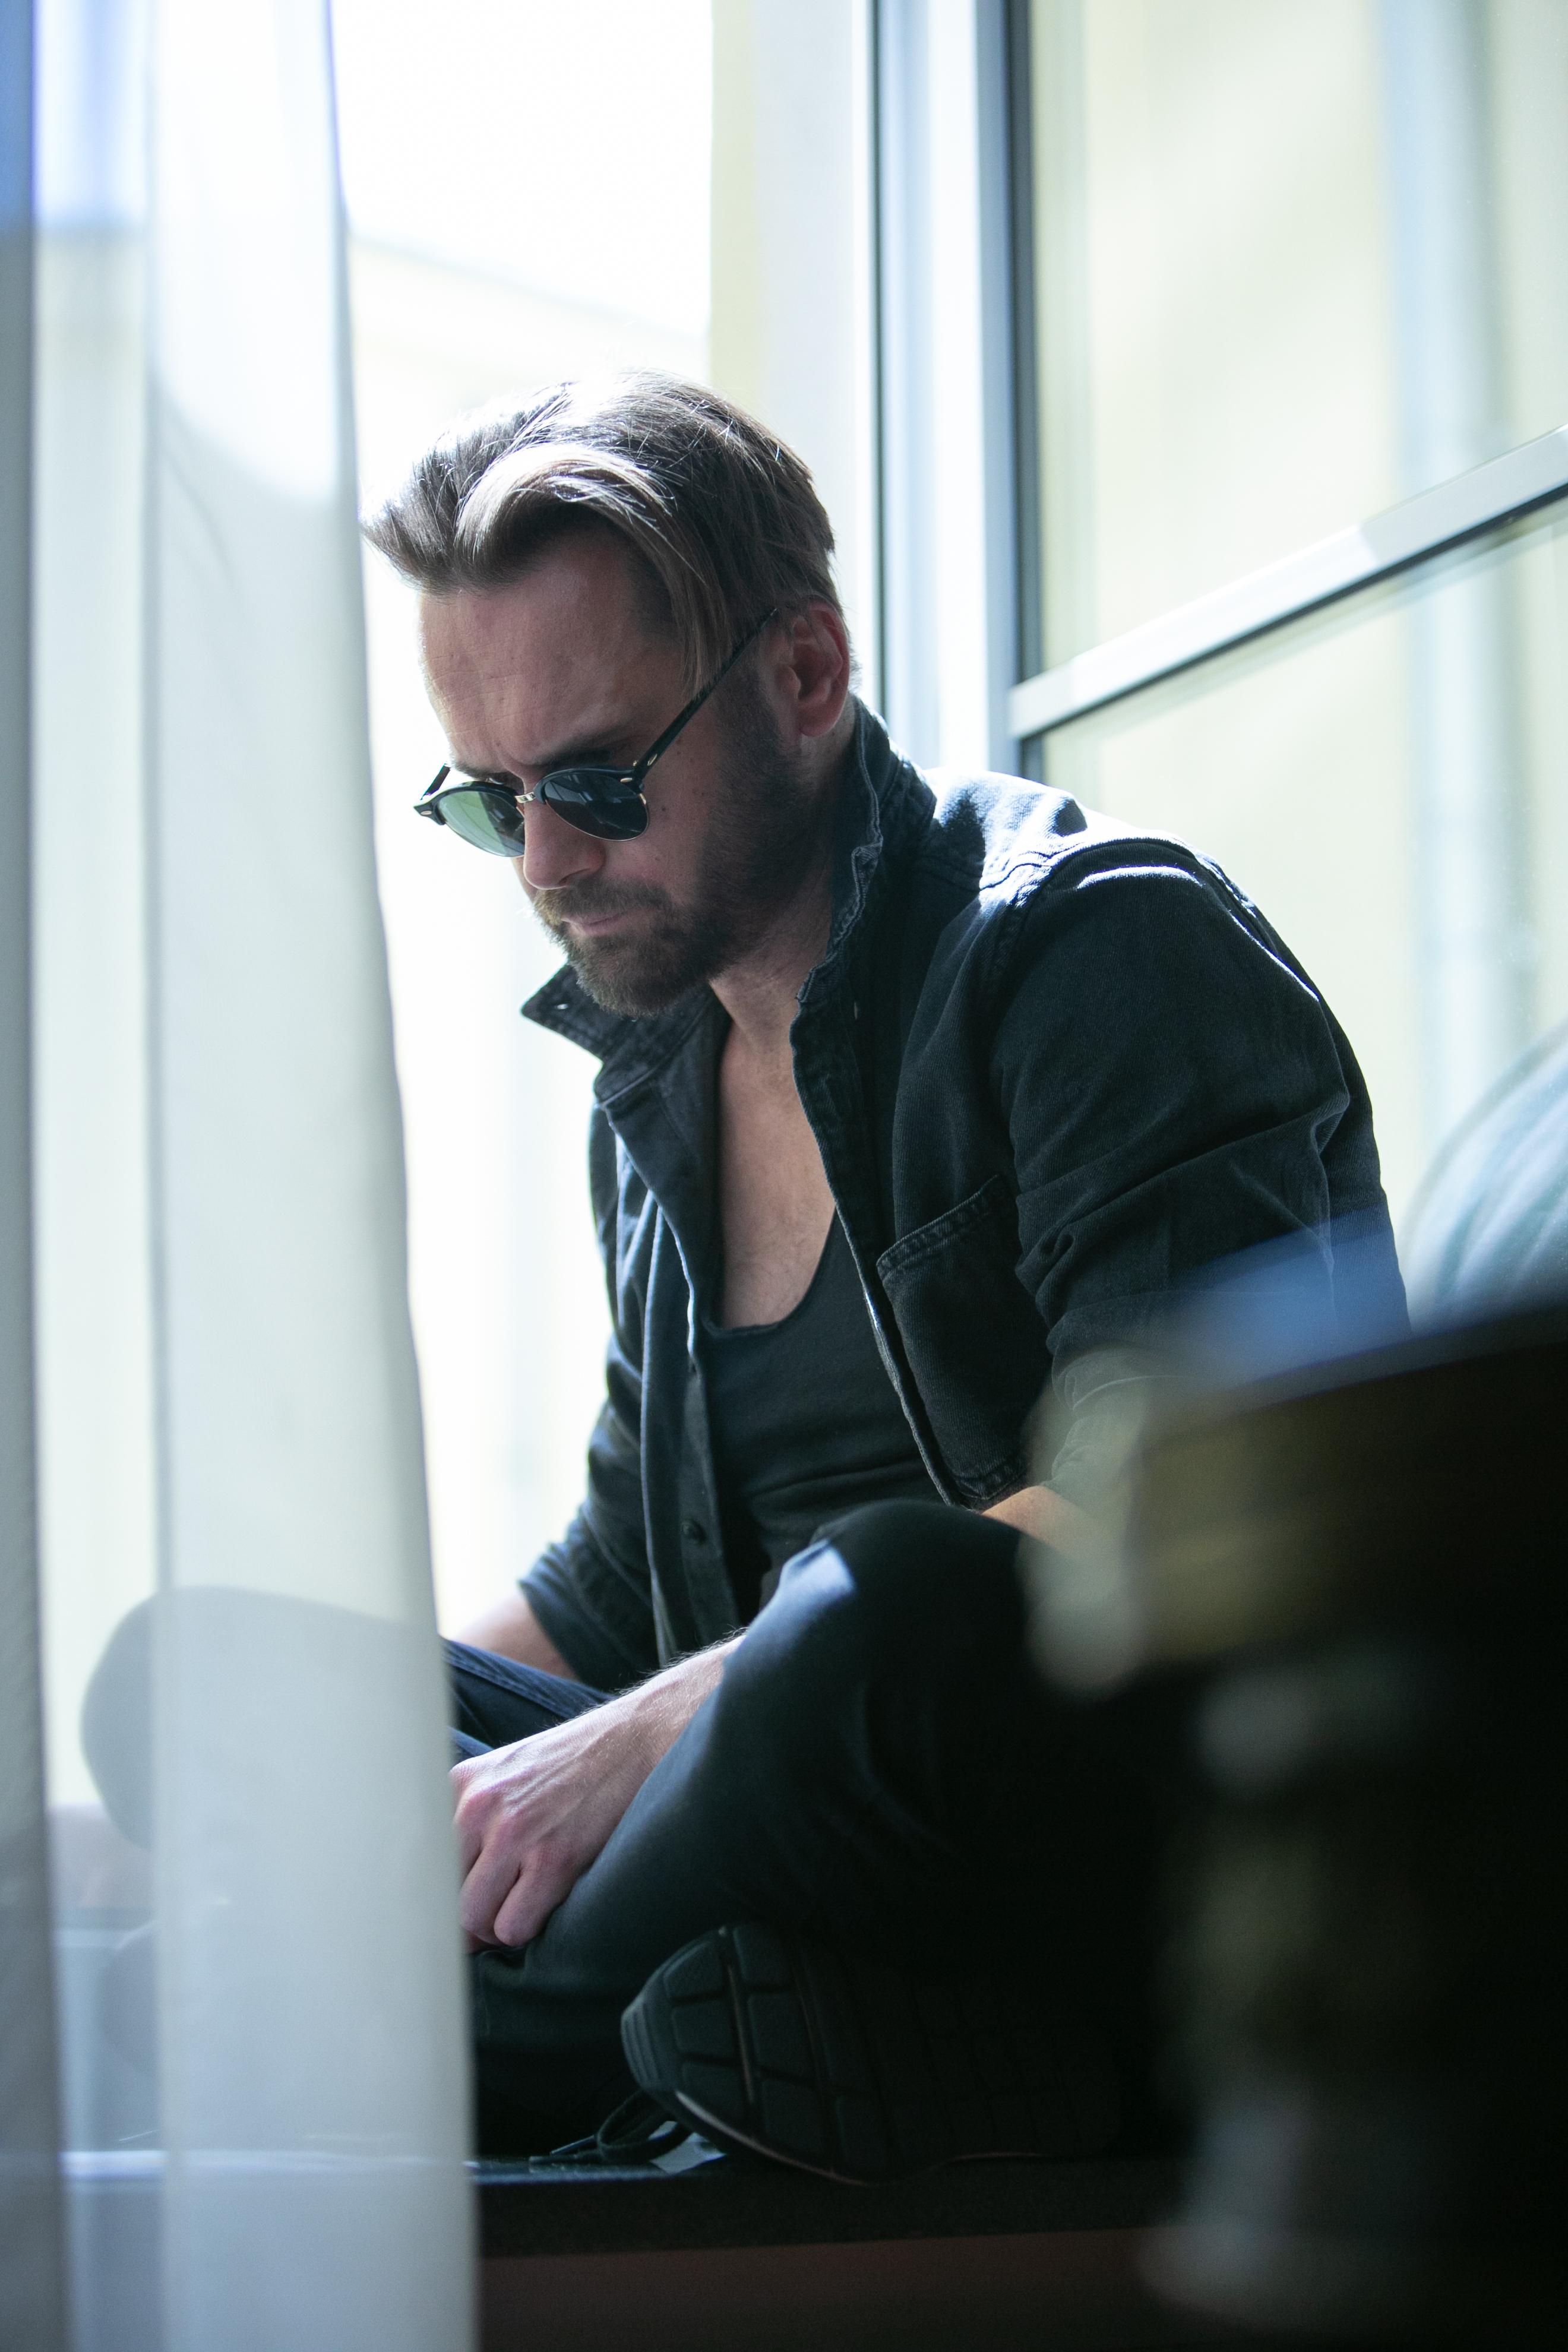 Zdjęcie przedstawia mżczyznę, siedzącego w otwartym oknie. Ma przeciwsłoneczne okulary.